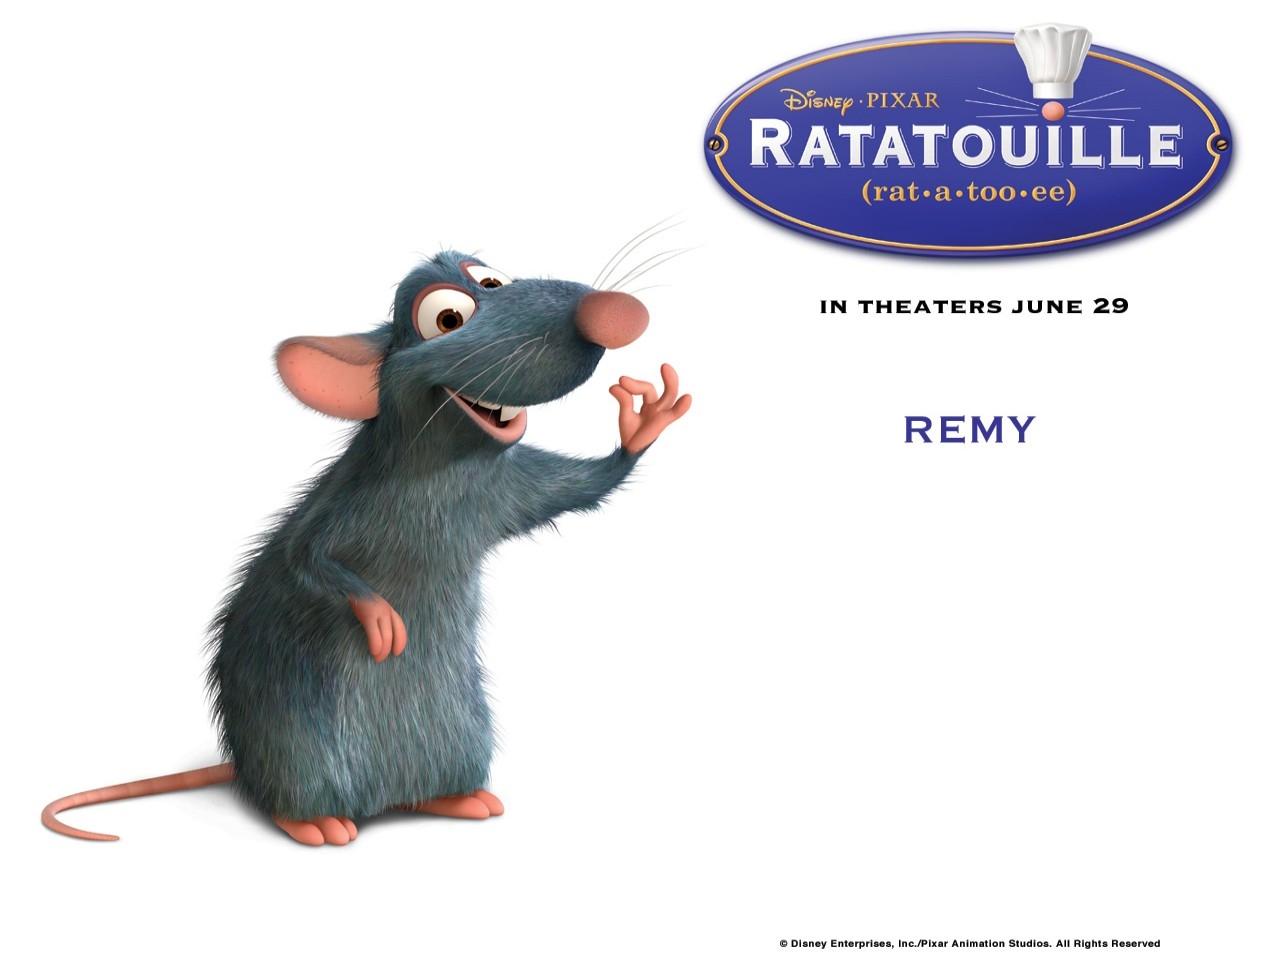 Wallpaper del film Ratatouille con il topolino Remy